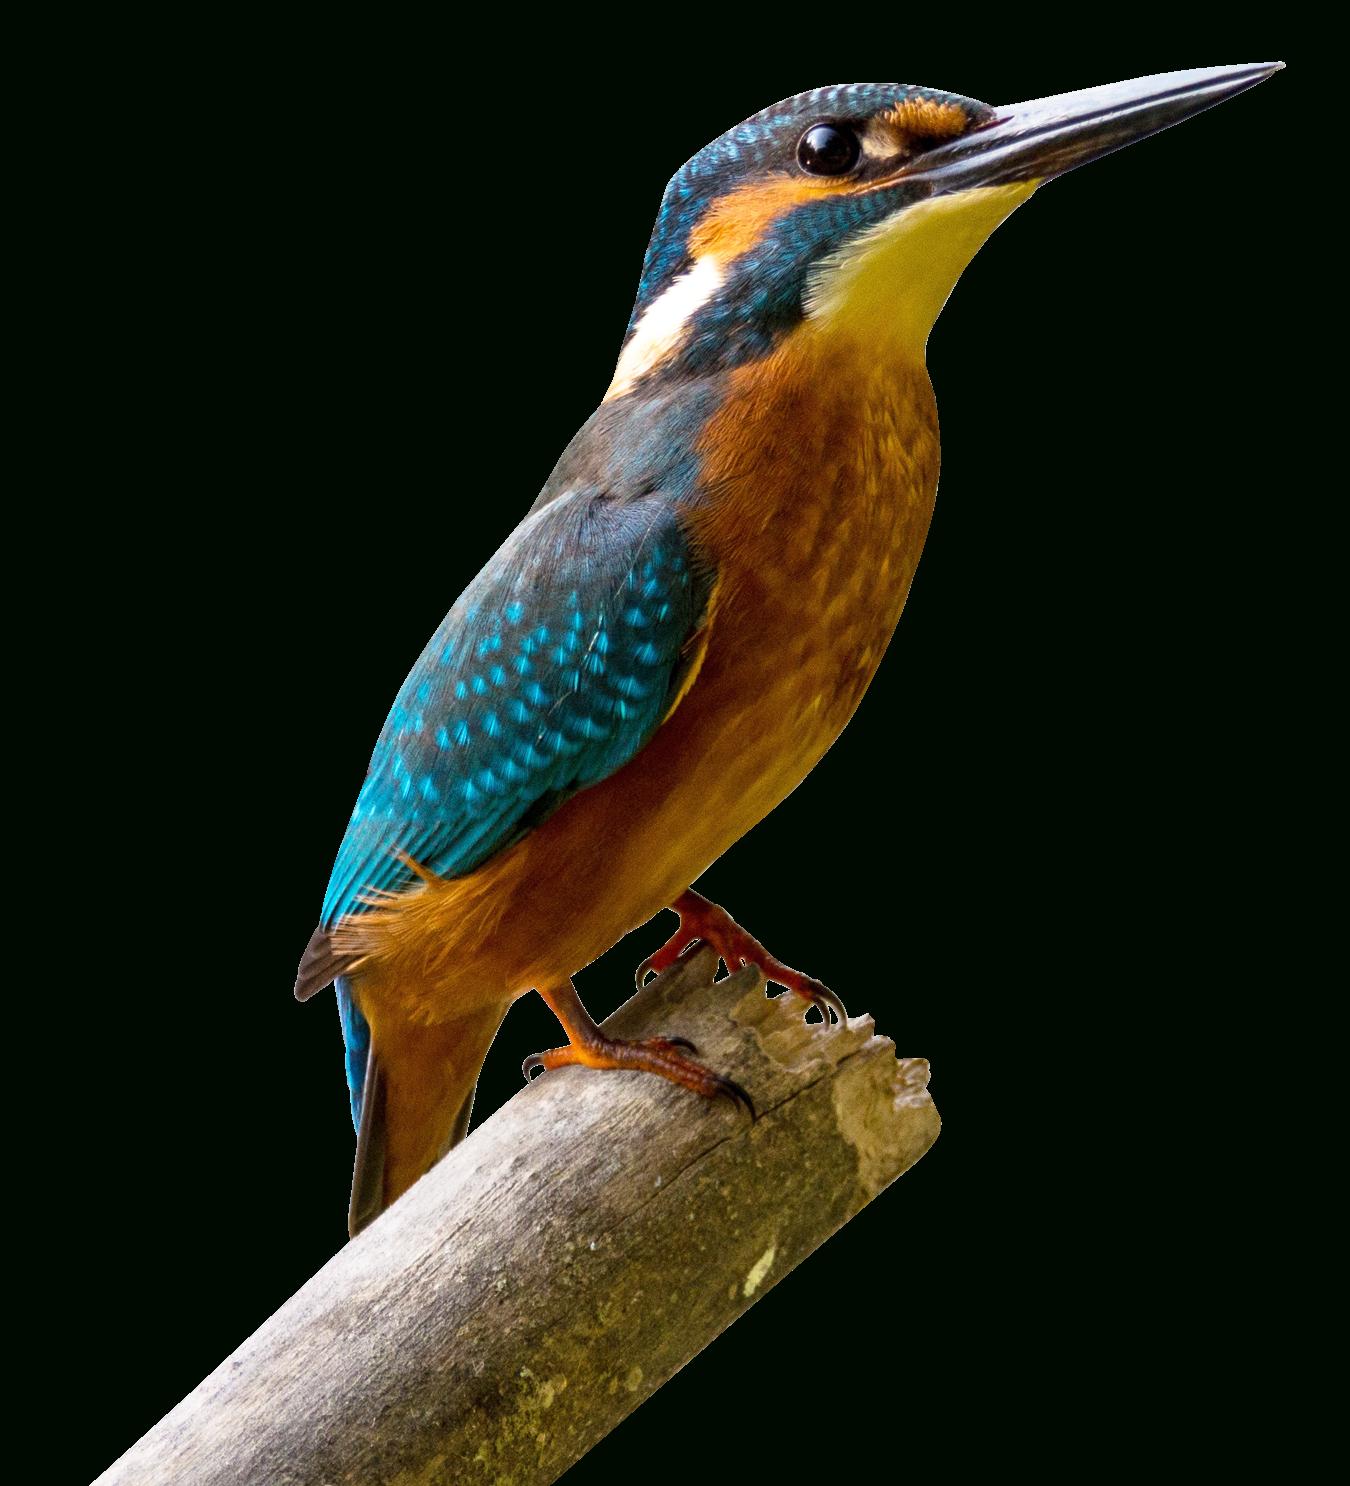 Oiseau Telecharger Gratuit Png | Png Play concernant Images D Oiseaux Gratuites